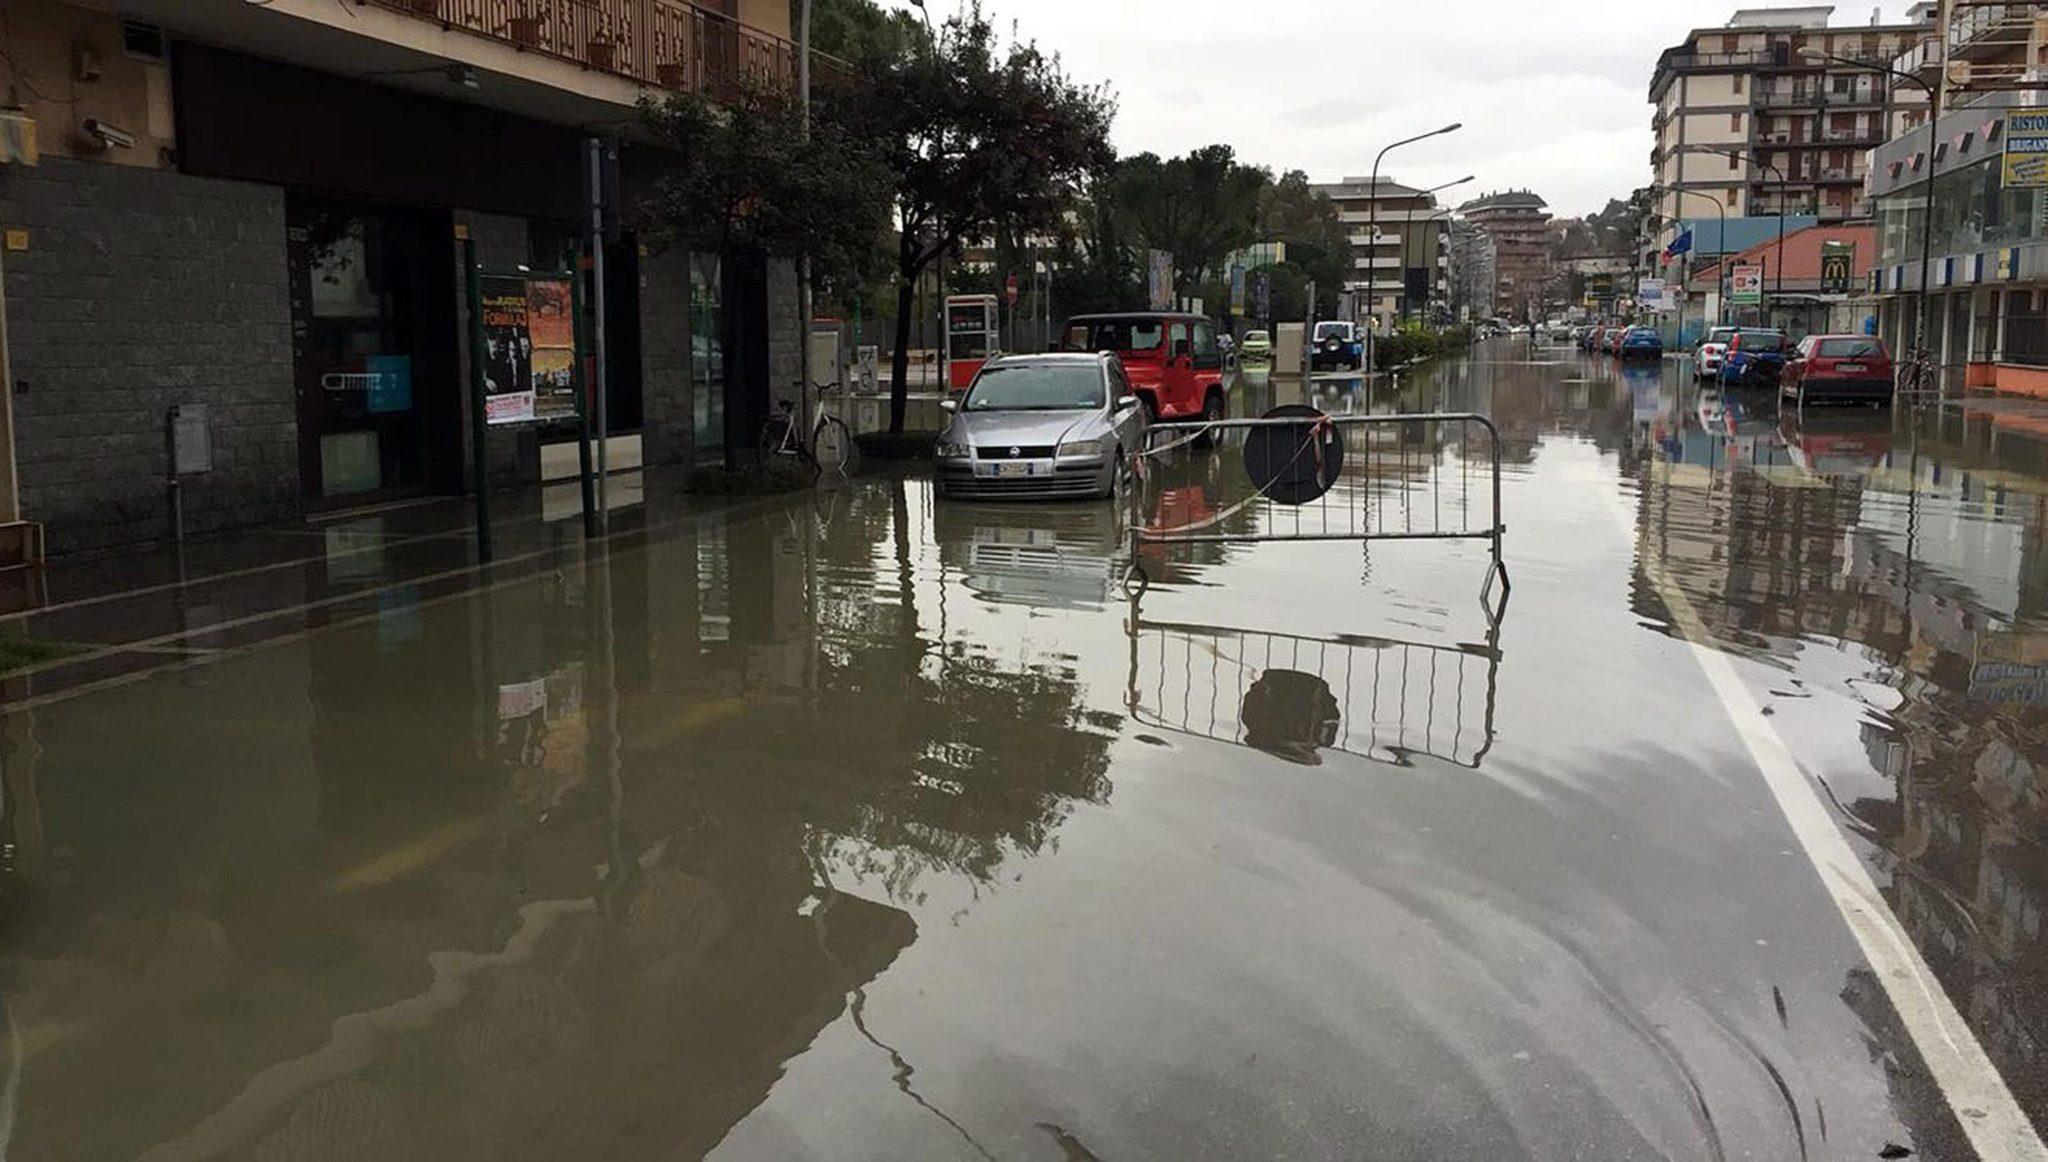 Włochy: powódź w miejscowości Pescara w środkowej części kraju (foto. PAP/EPA/PAOLO RENZETTI)